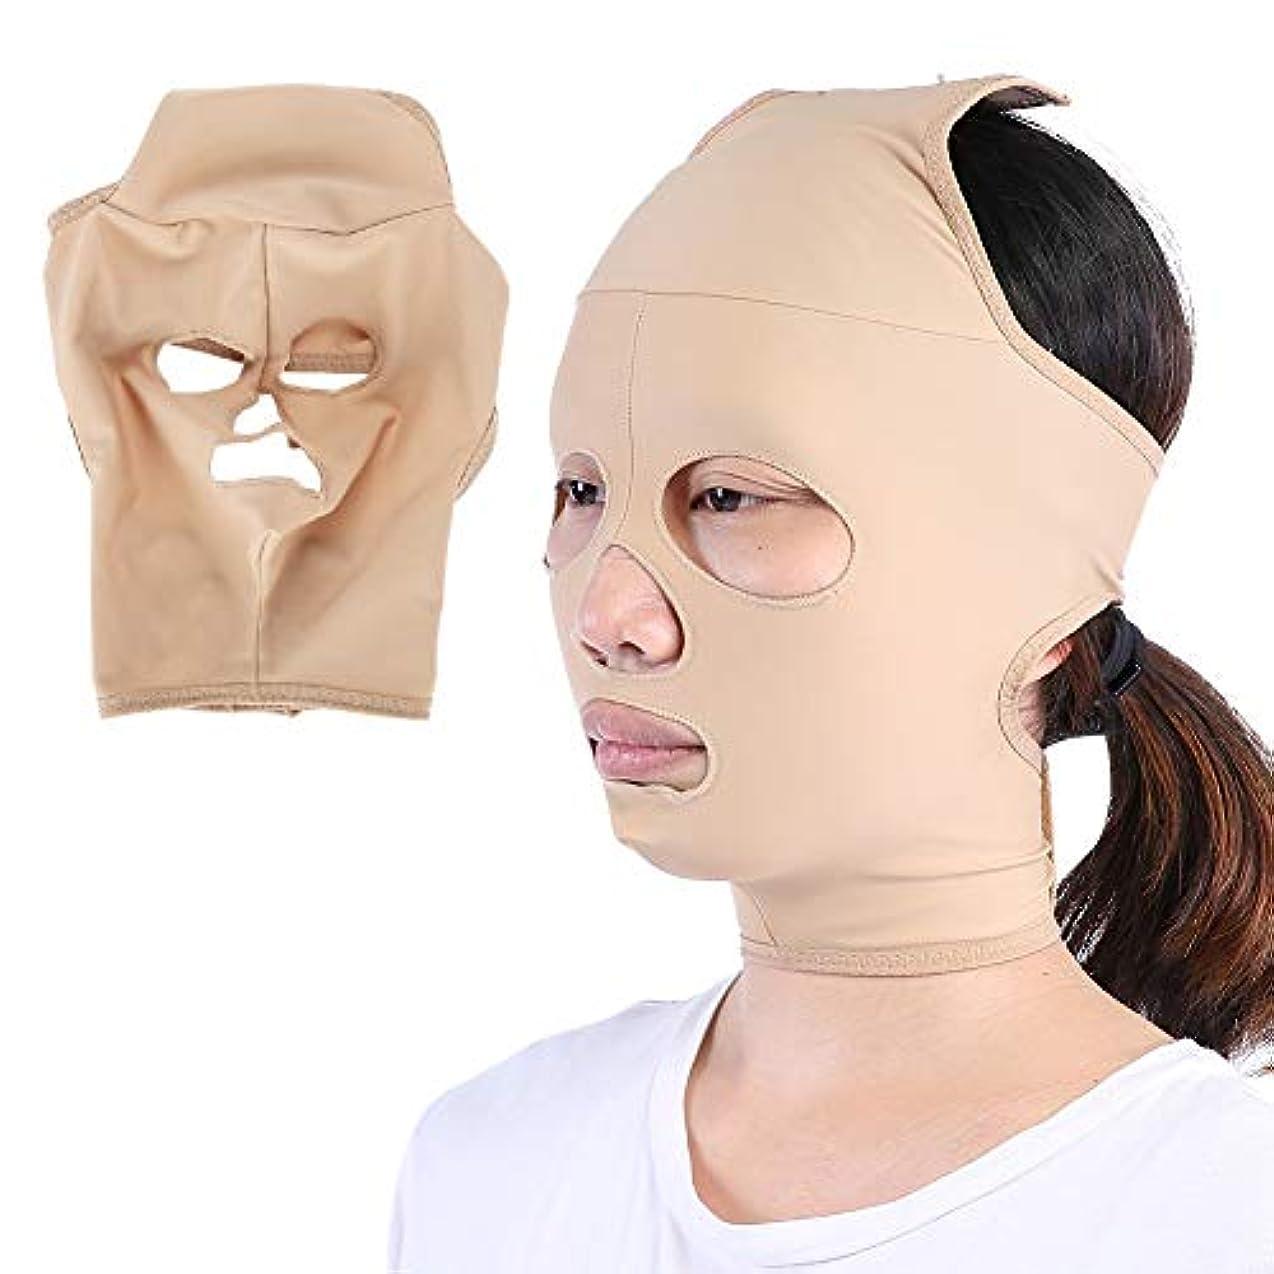 めんどりマイク確執顔の减量のベルト、完全なカバレッジ 顔のVラインを向上させる 二重顎を減らす二重顎、スキンケア包帯(S)